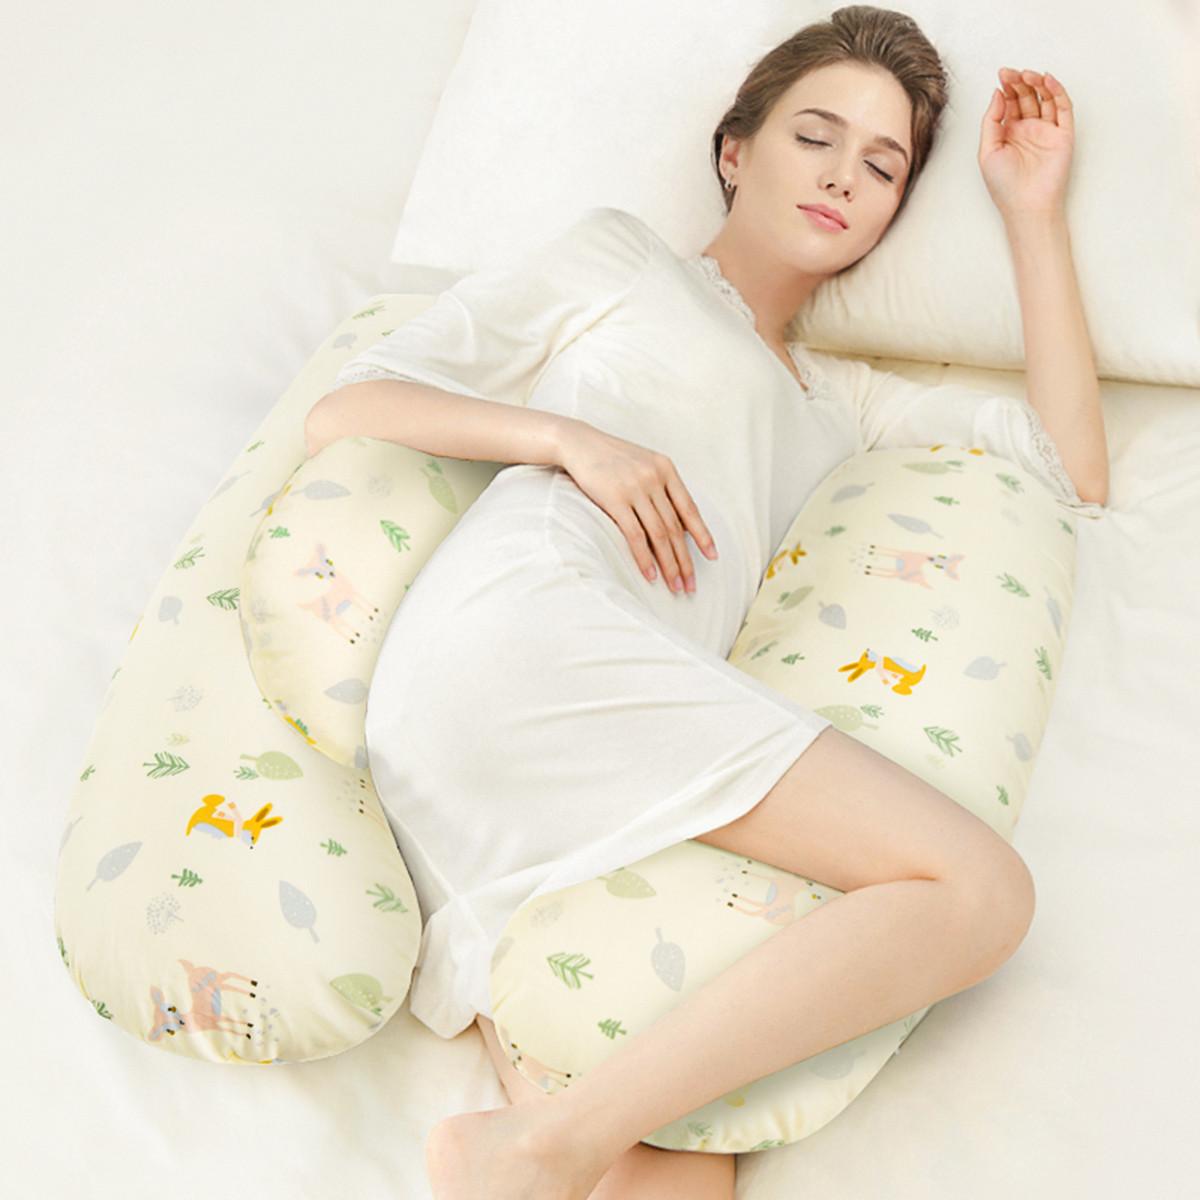 佳韵宝 多功能孕妇枕头孕妇护腰枕孕妇睡枕护腰托腹侧睡枕孕期睡觉神器